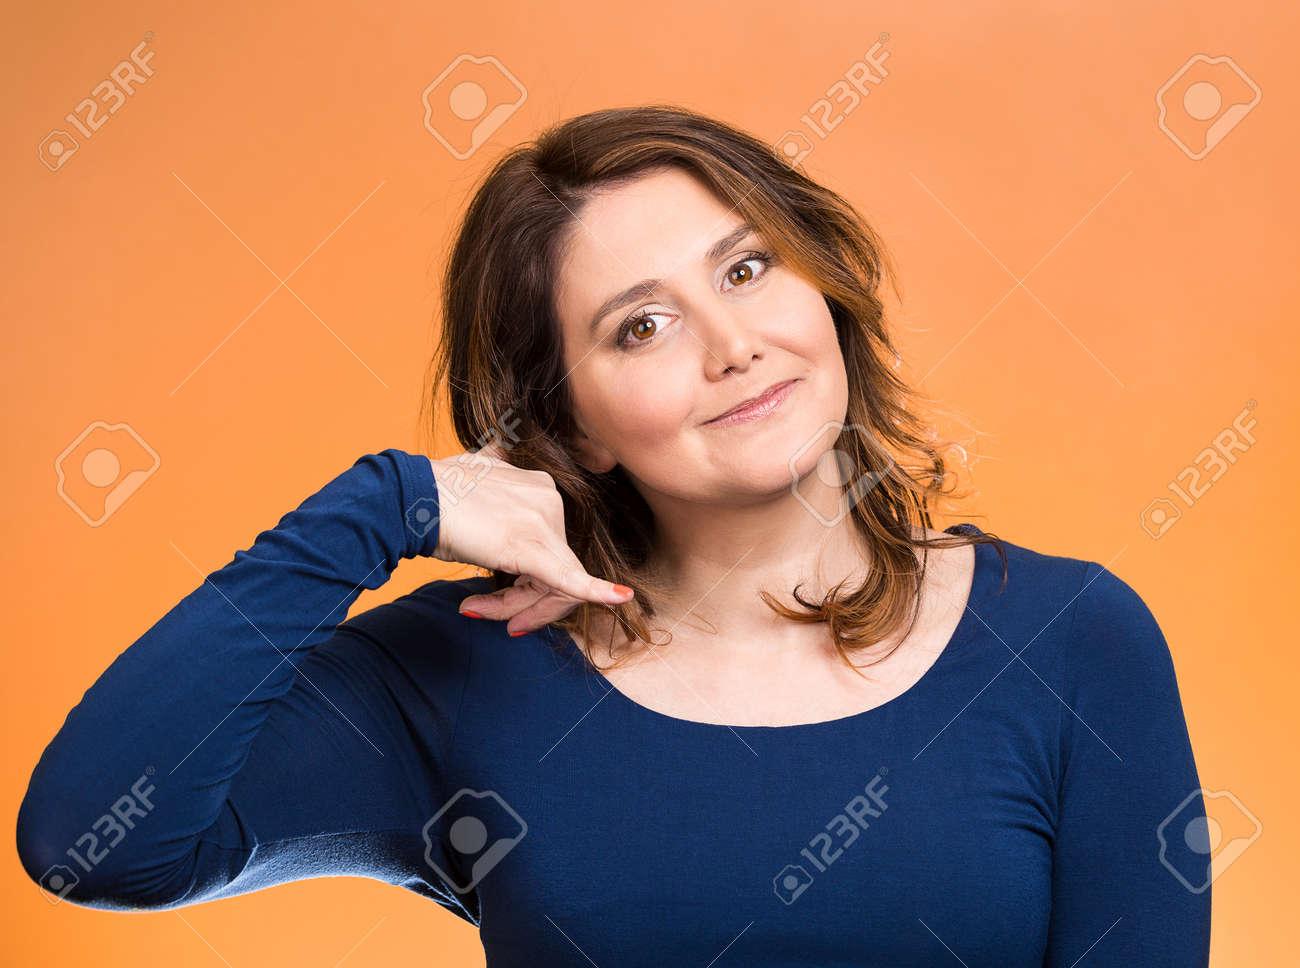 rencontrer femme jeune annonce femme celibataire cherche homme